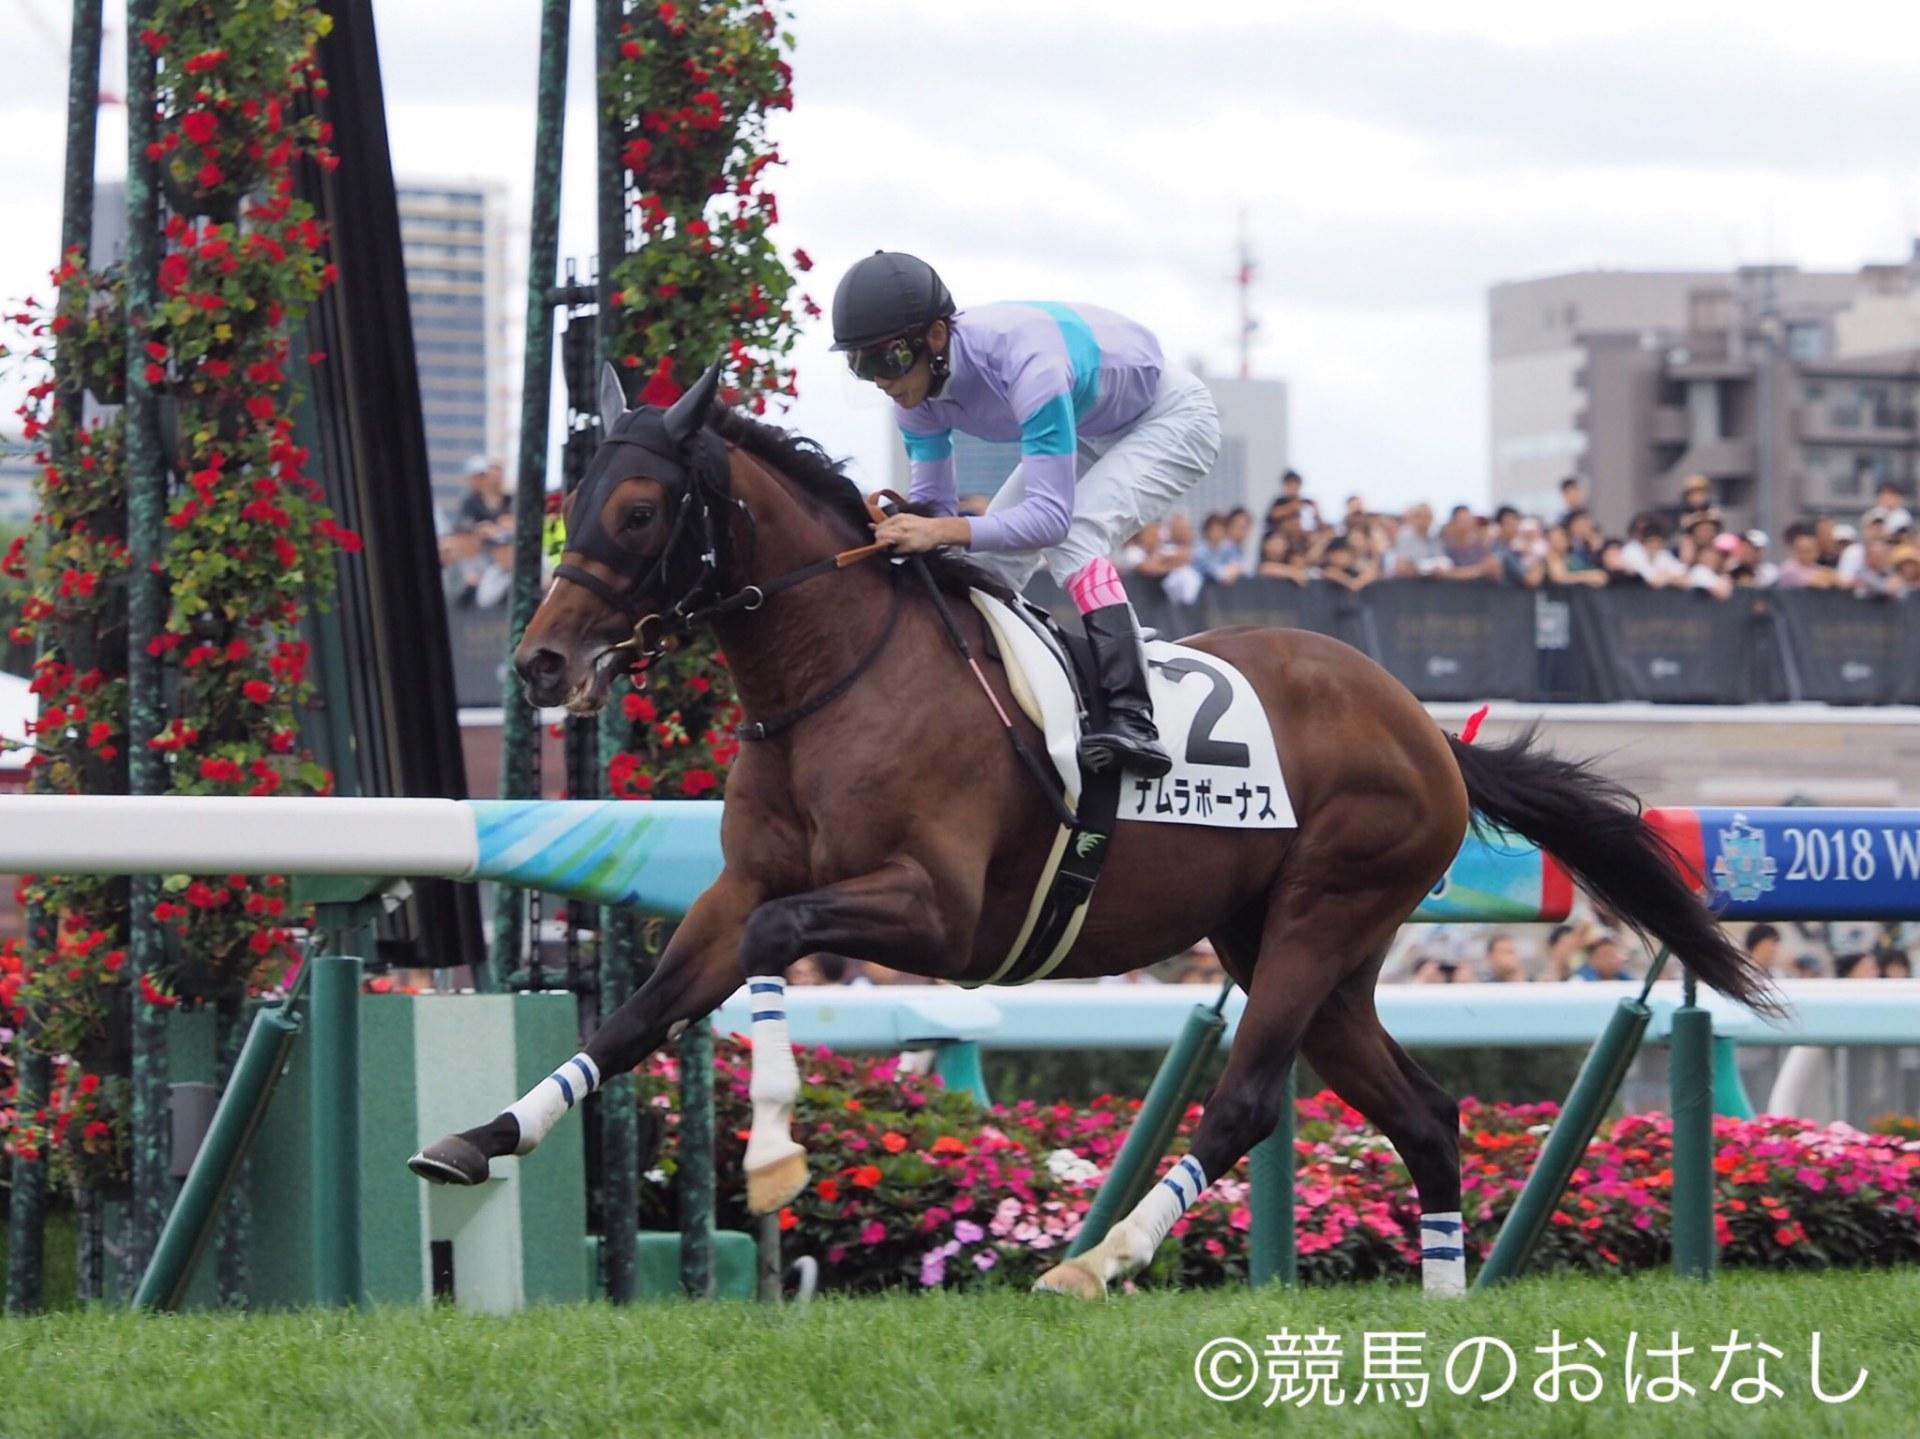 【札幌5R/2歳新馬】ヨハネスブルグ産駒 ナムラボーナスが逃げ切りV!